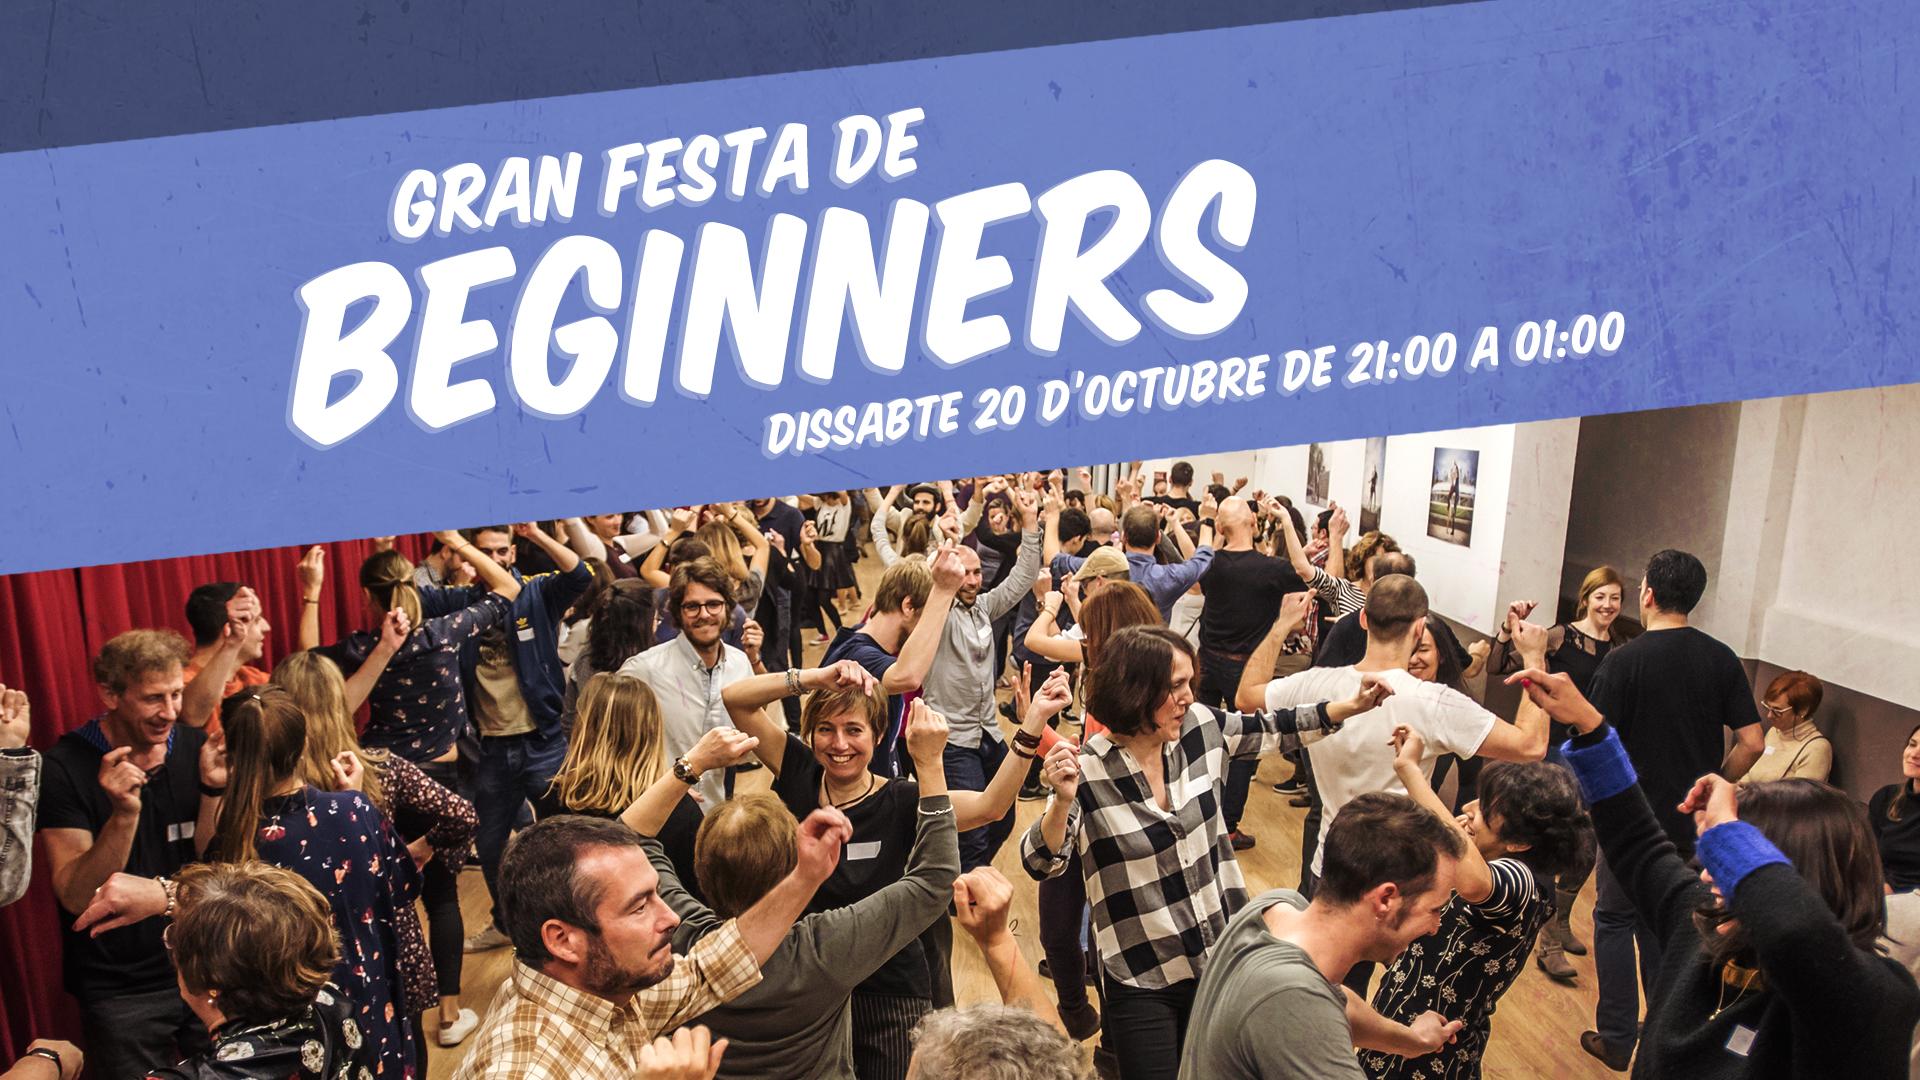 1a Gran Festa de Beginners del Trimestre! @ SM Gràcia - Joanic | Barcelona | Catalunya | Espanya